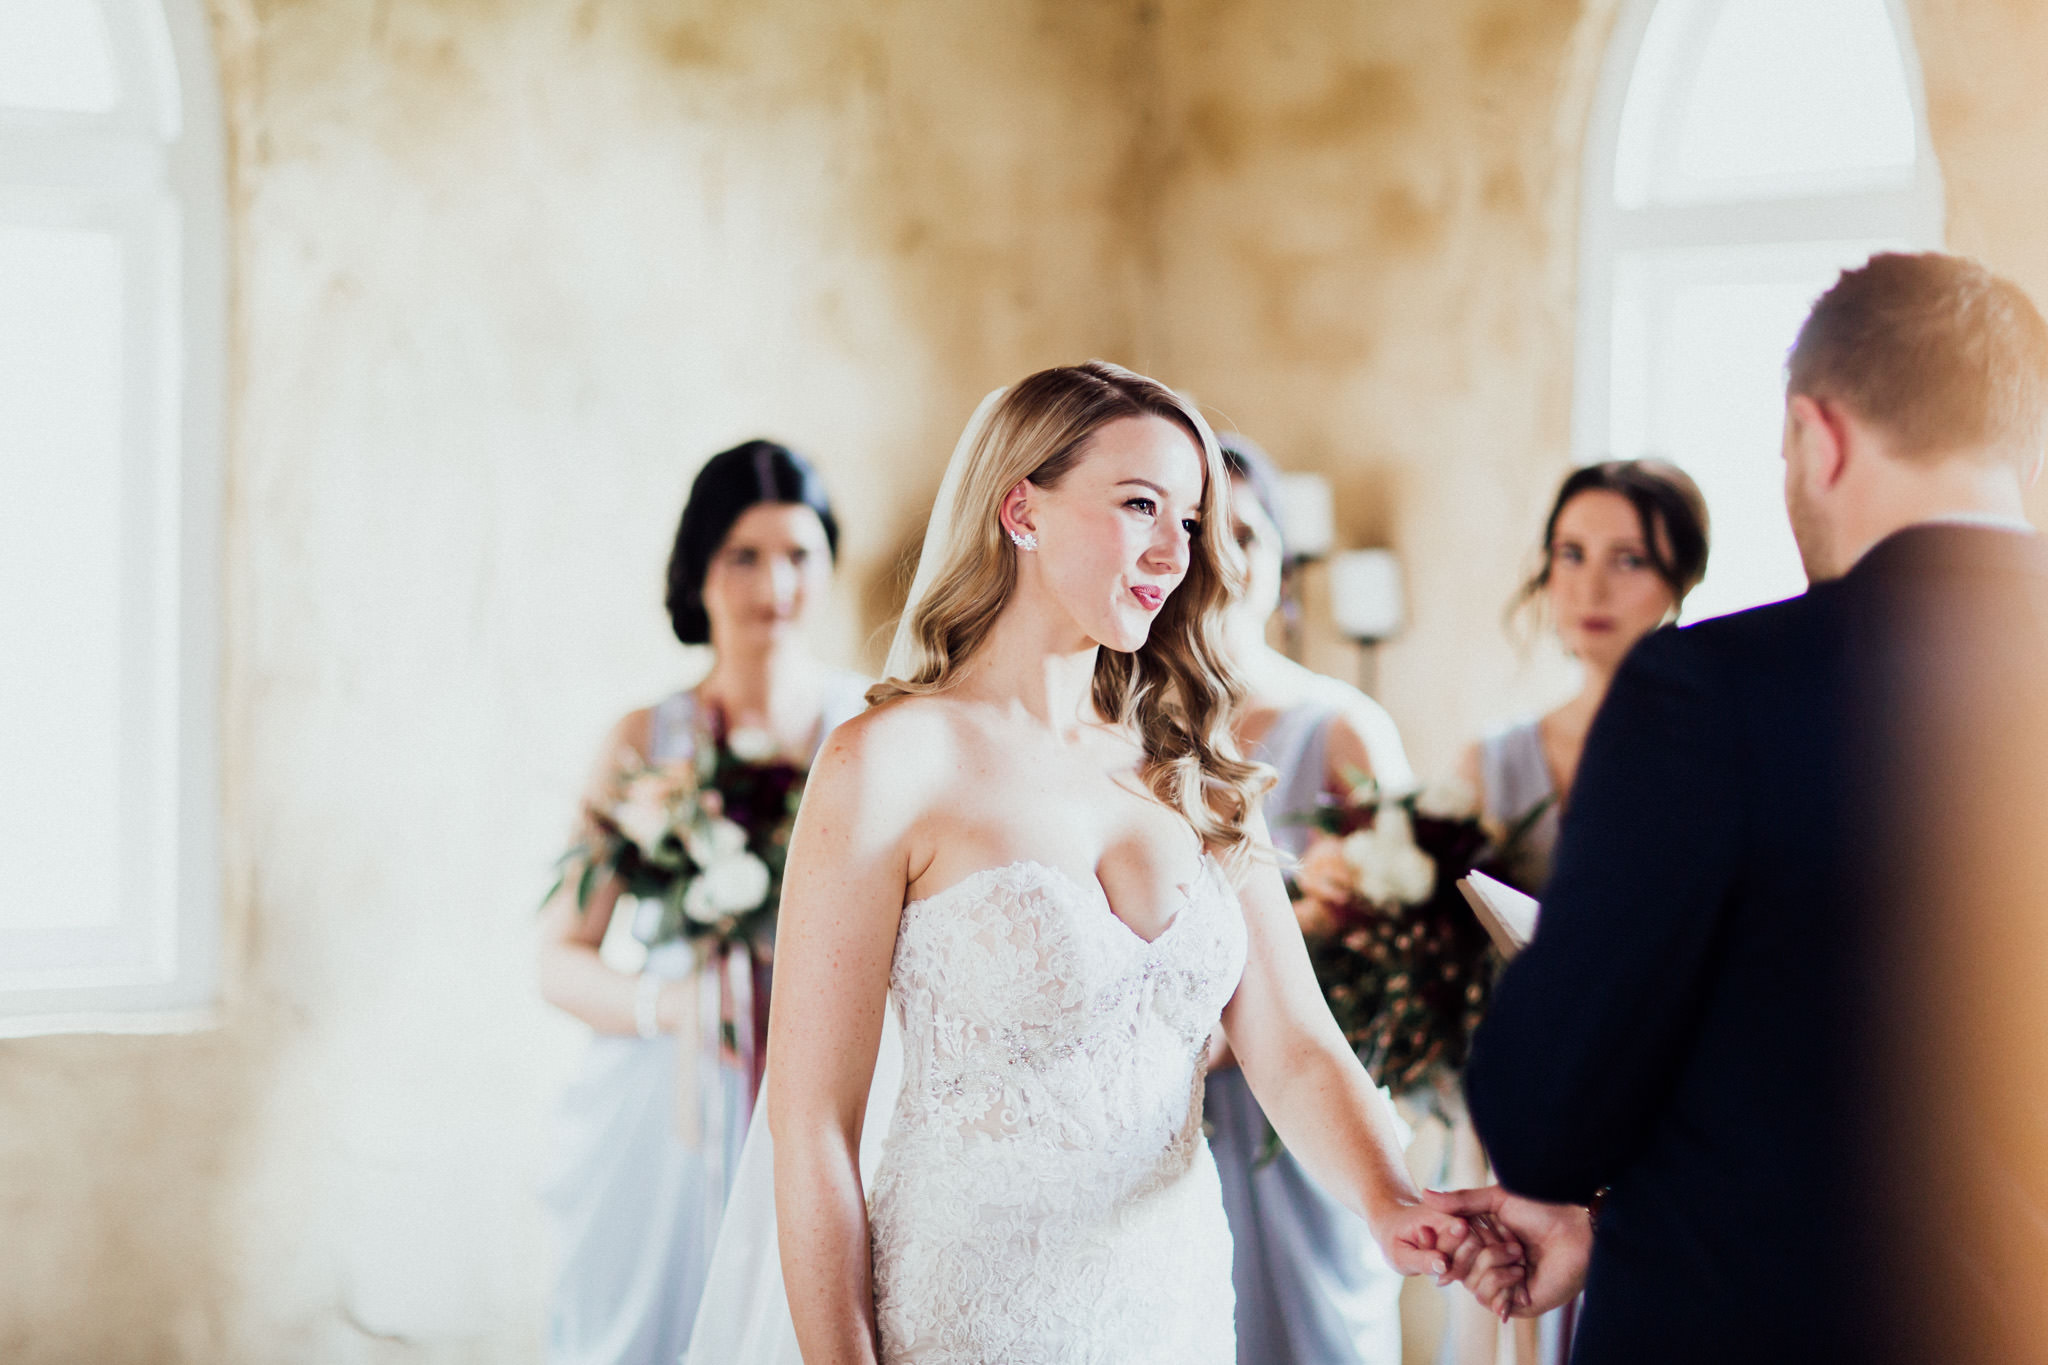 WeddingPhotos_Facebook_2048pixels-1048.jpg